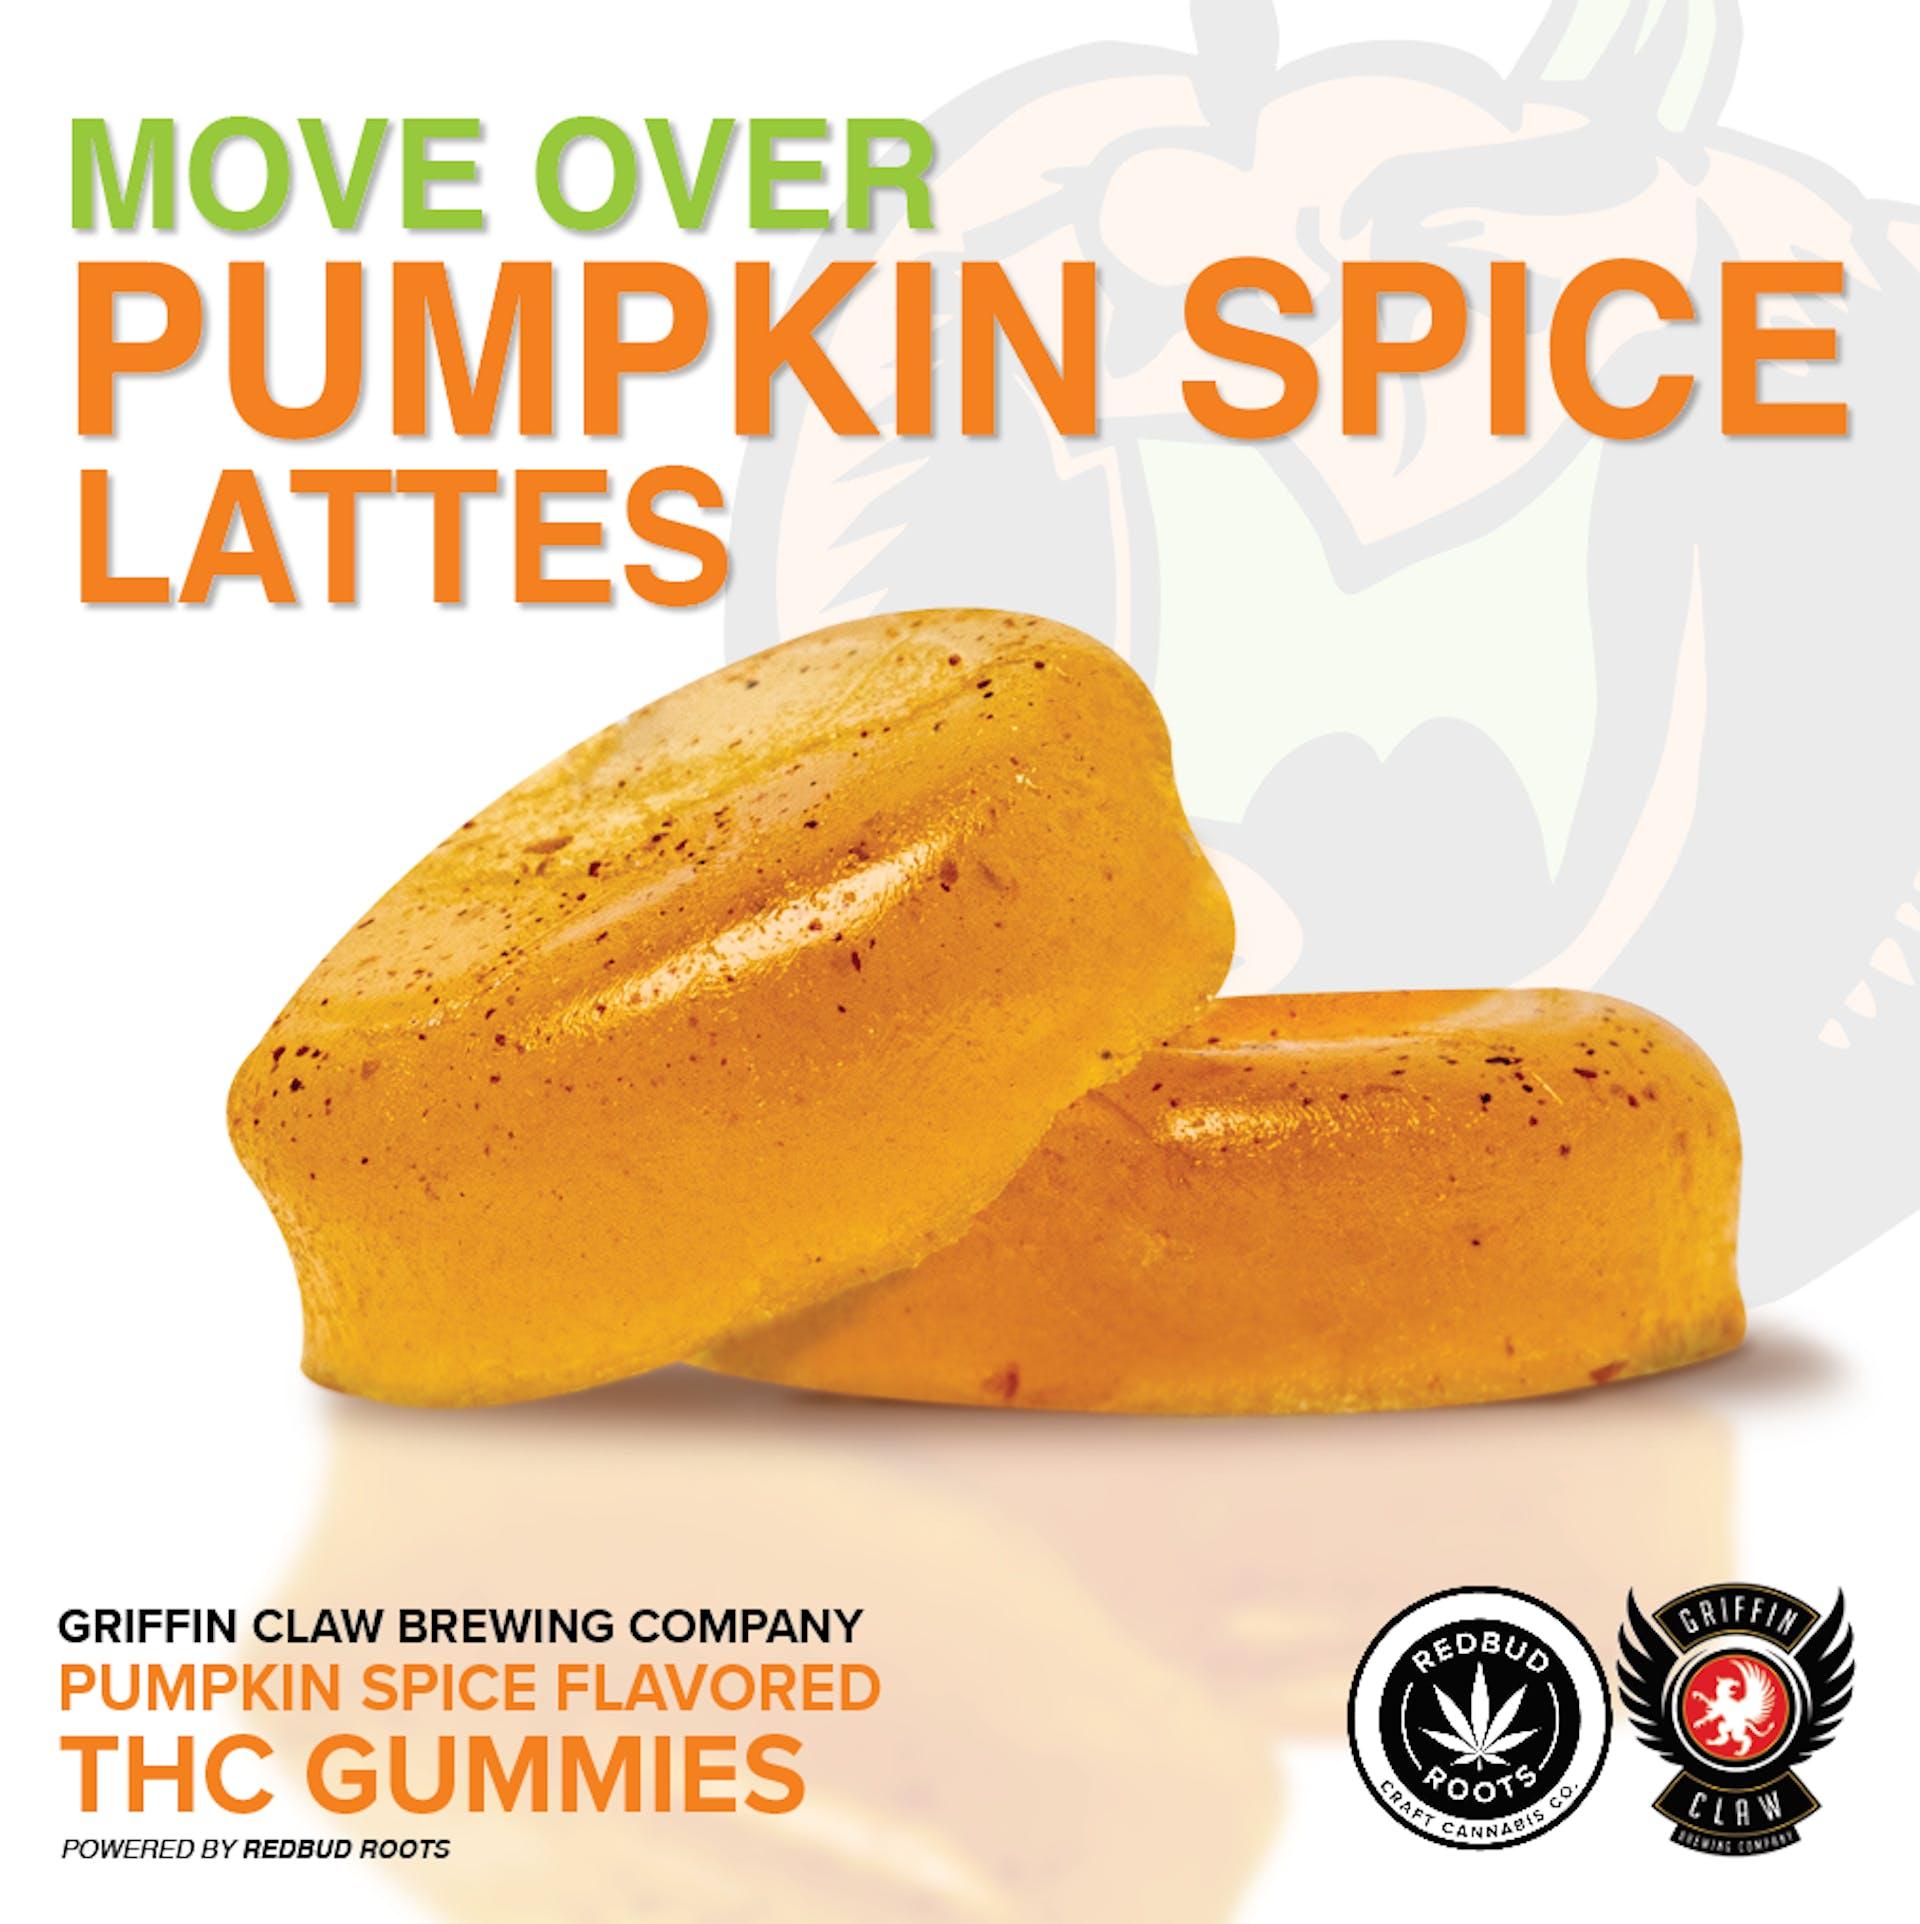 Move Over Pumpkin Spice Lattes Graphic